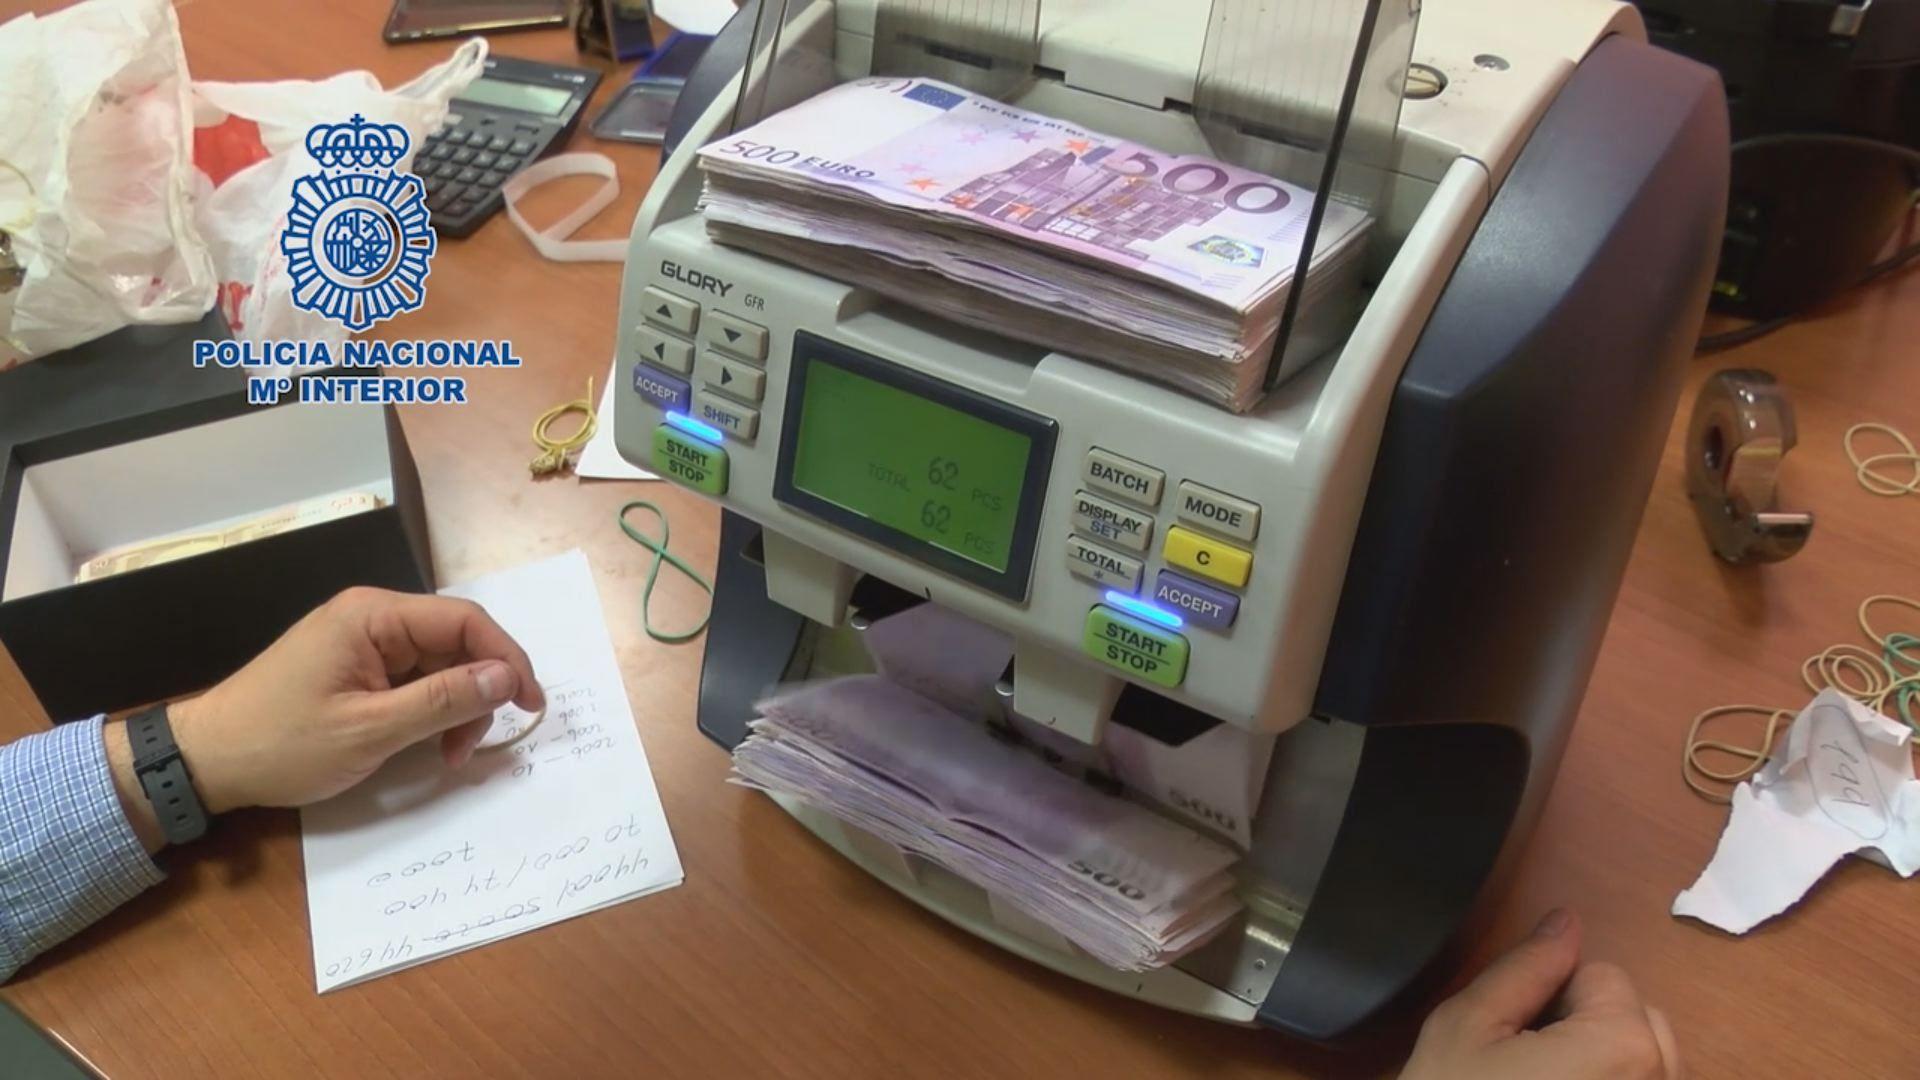 Destapan un fraude a la Seguridad Social de 27,5 millones que afecta a 17 provincias, entre ella.El nuevo autobús híbrido de Emtusa